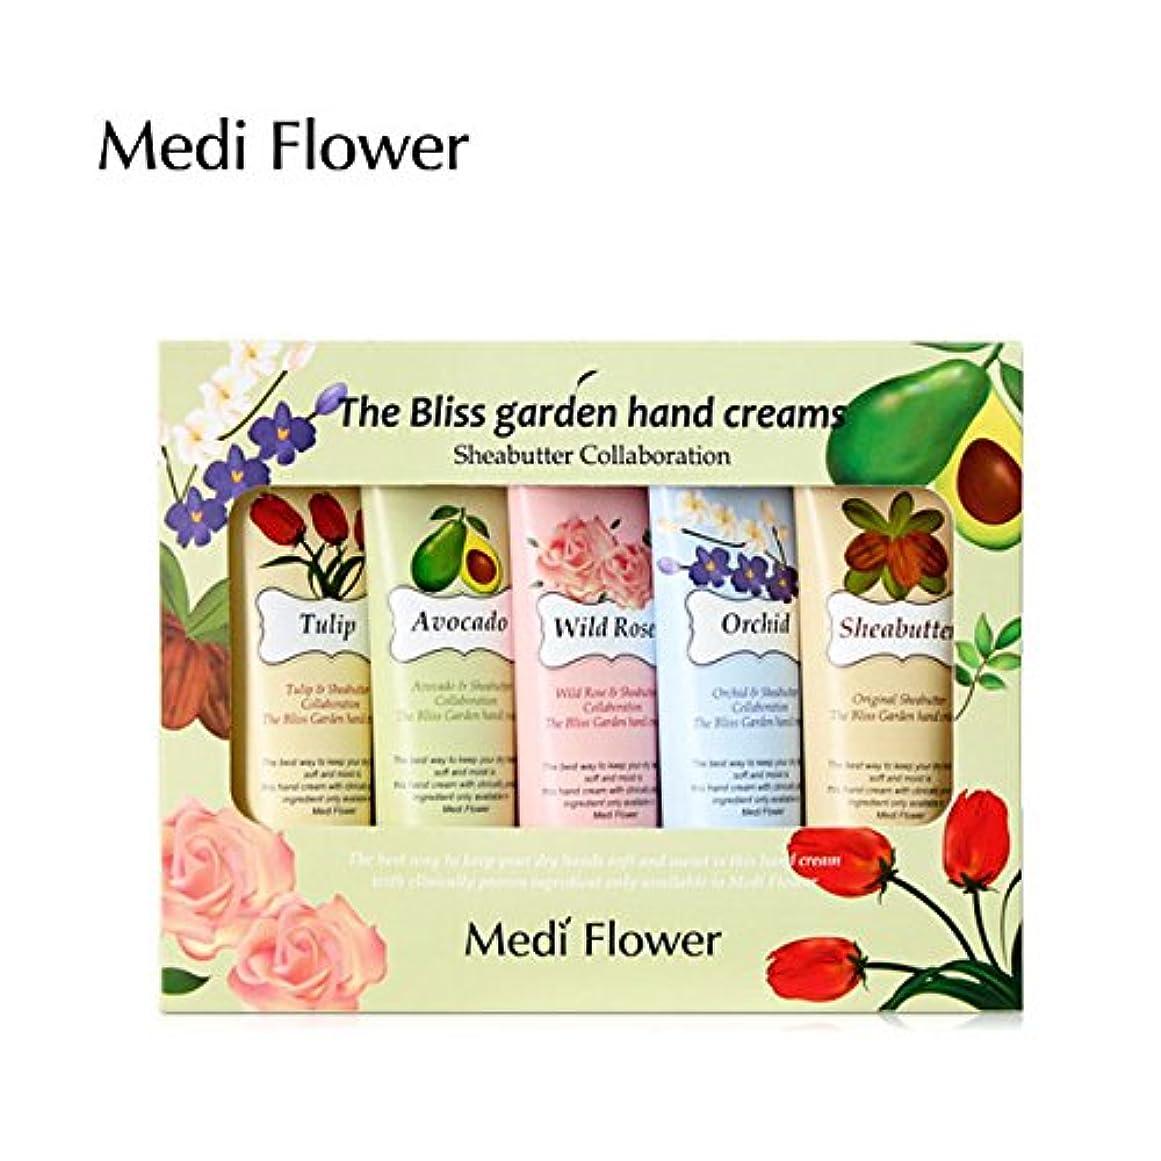 引き算盗難自宅で[MediFlower] ザ?ブリスガーデン?ハンドクリーム?シアバターコラボレーション 50g x 5個セット / The Bliss Garden Hand Creams (Sheabutter Collaboration)